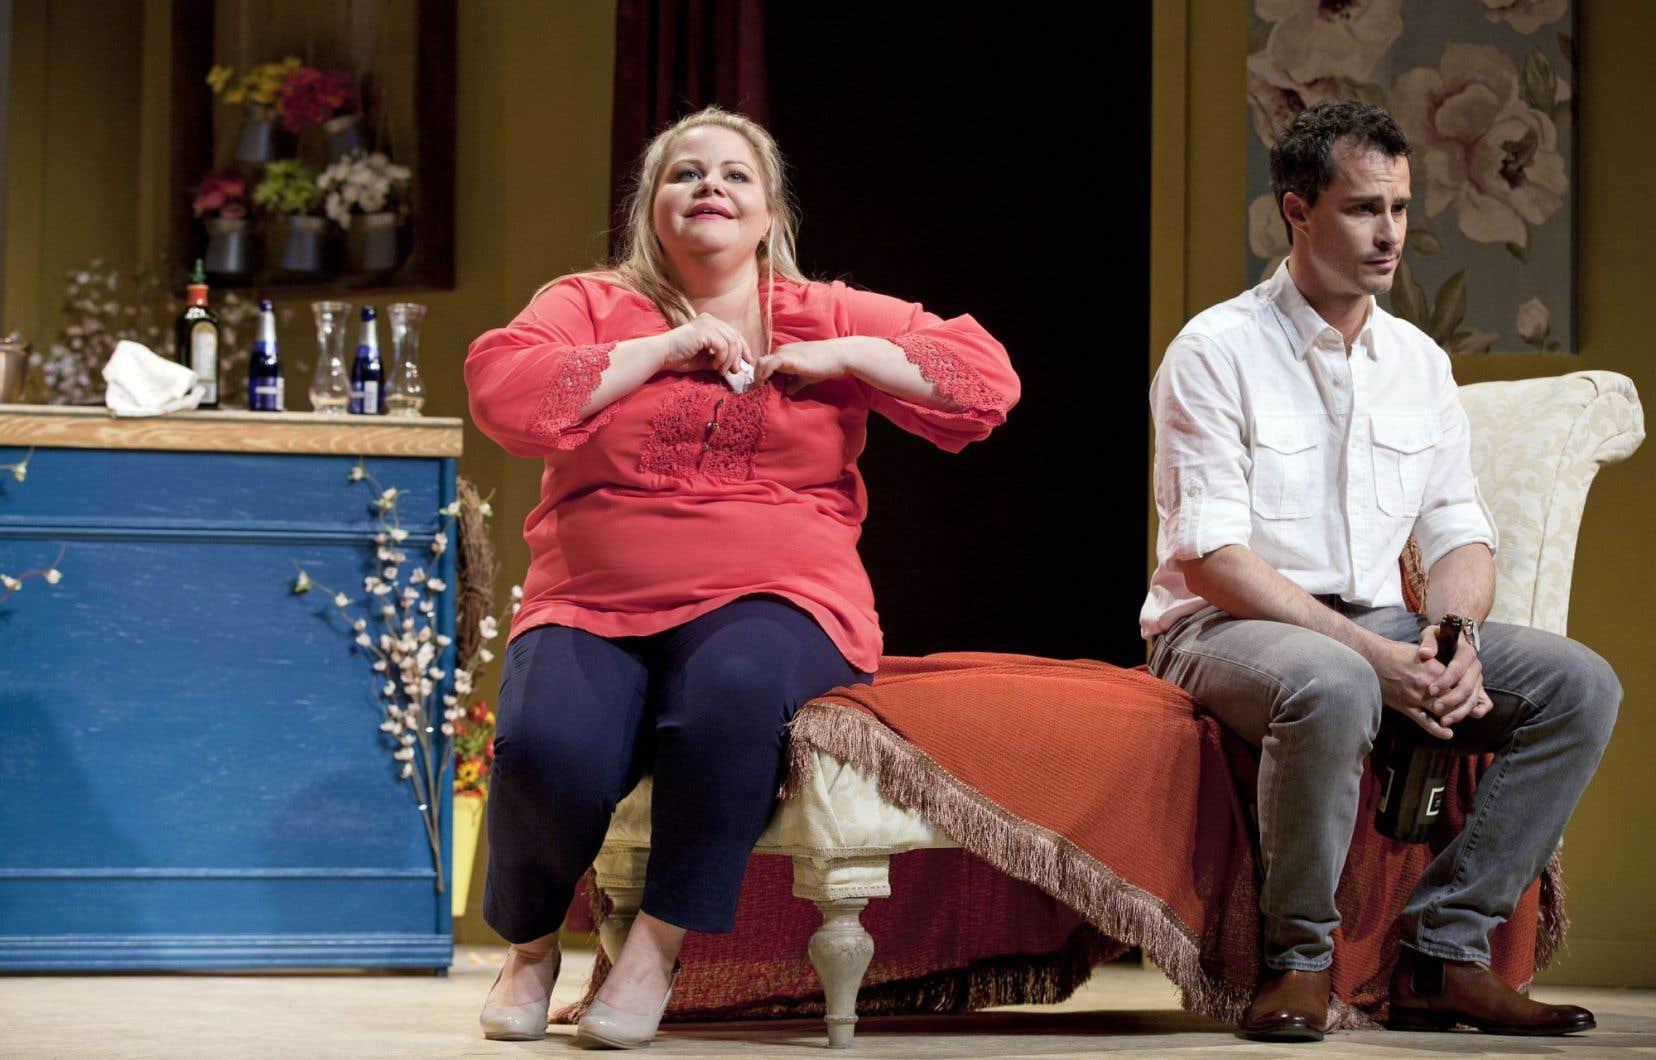 Geneviève Schmidt et Patrick Hivon n'ont aucune chance de s'en sortir tant le maelström mû par la facilité et la blague graveleuse falote et drabe est puissant.